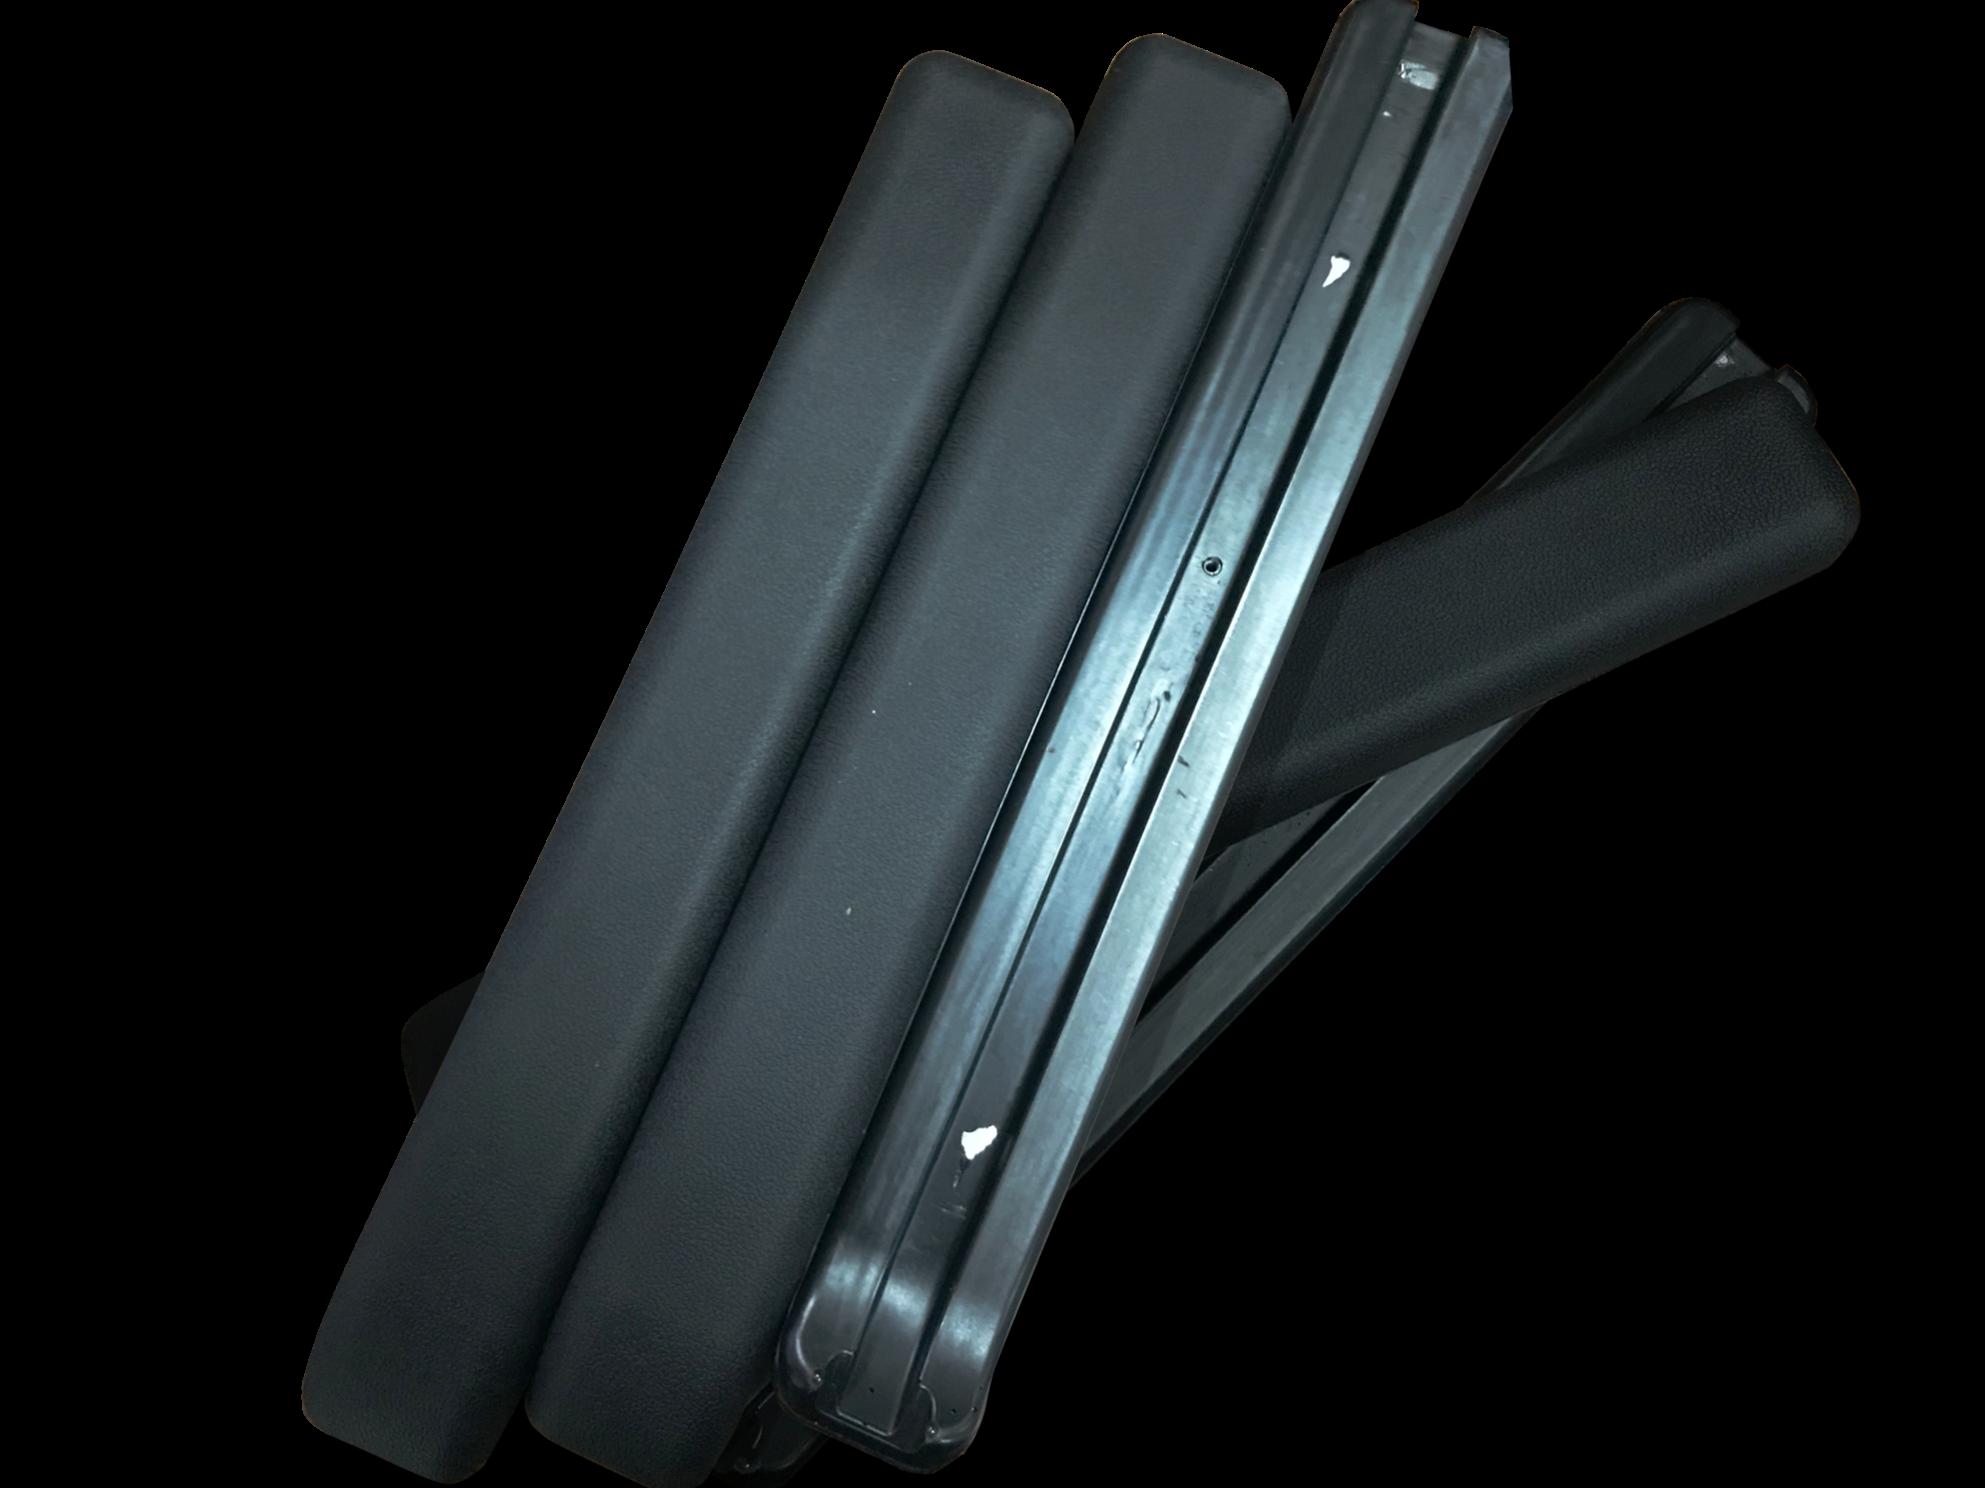 佳盛海绵 | PU海绵扶手是什么材料制作的?